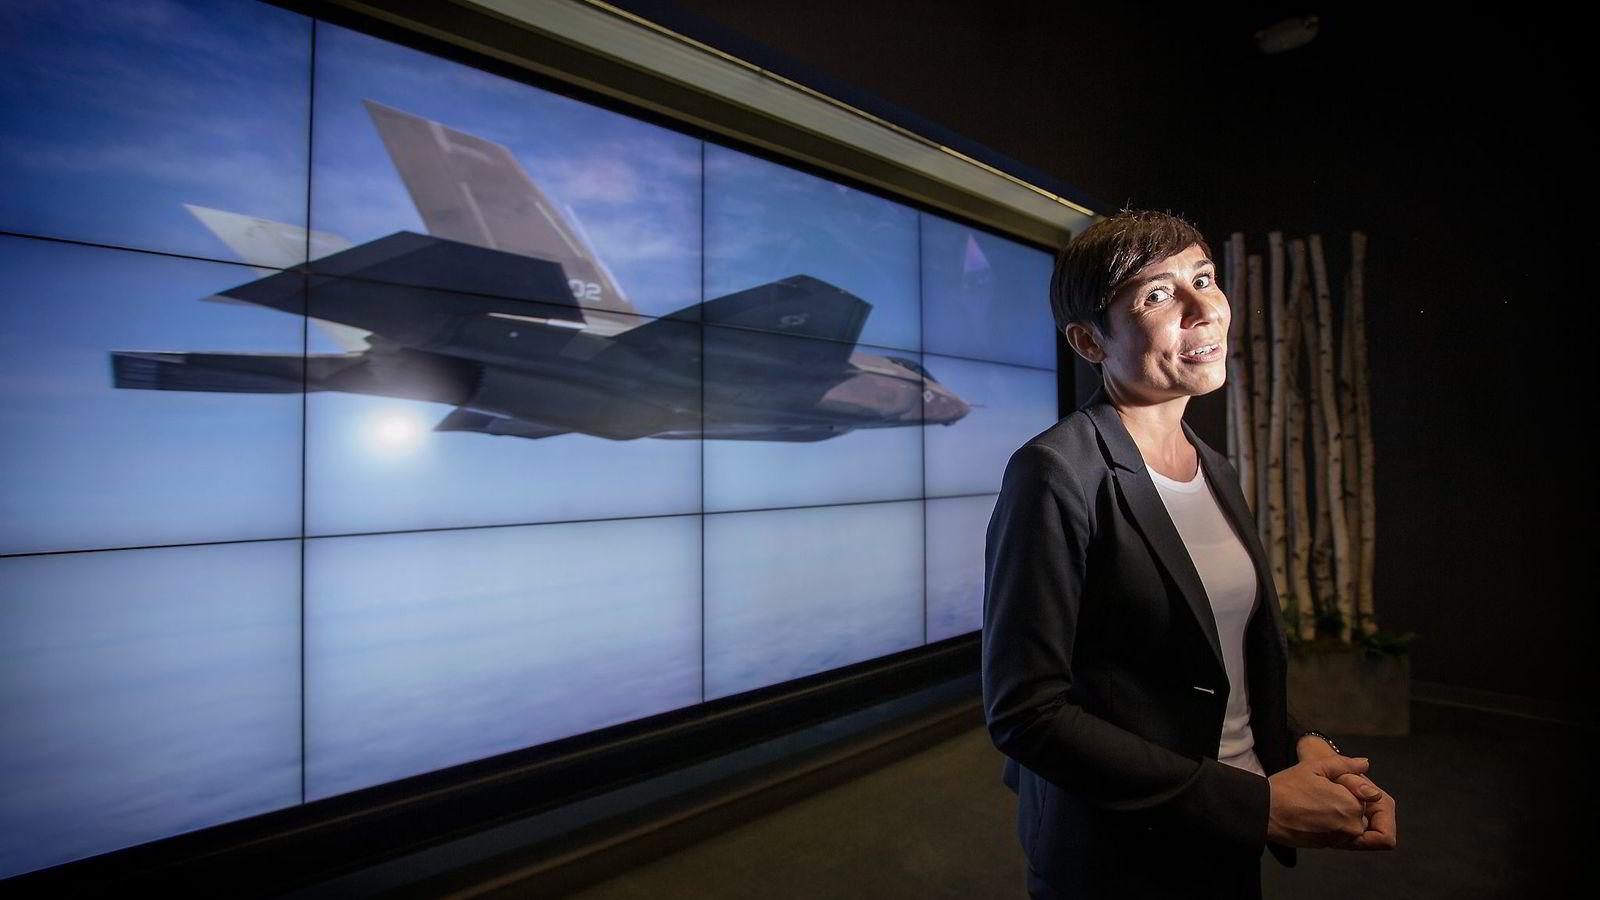 Høy dollarkurs kan bli en kraftig utfordring for forsvarsminister Ine Marie Eriksen Søreide, her under en omvisning på Lockheed Martins flyfabrikk i Fort Worth i USA. Foto: Ørjan F. Ellingvåg